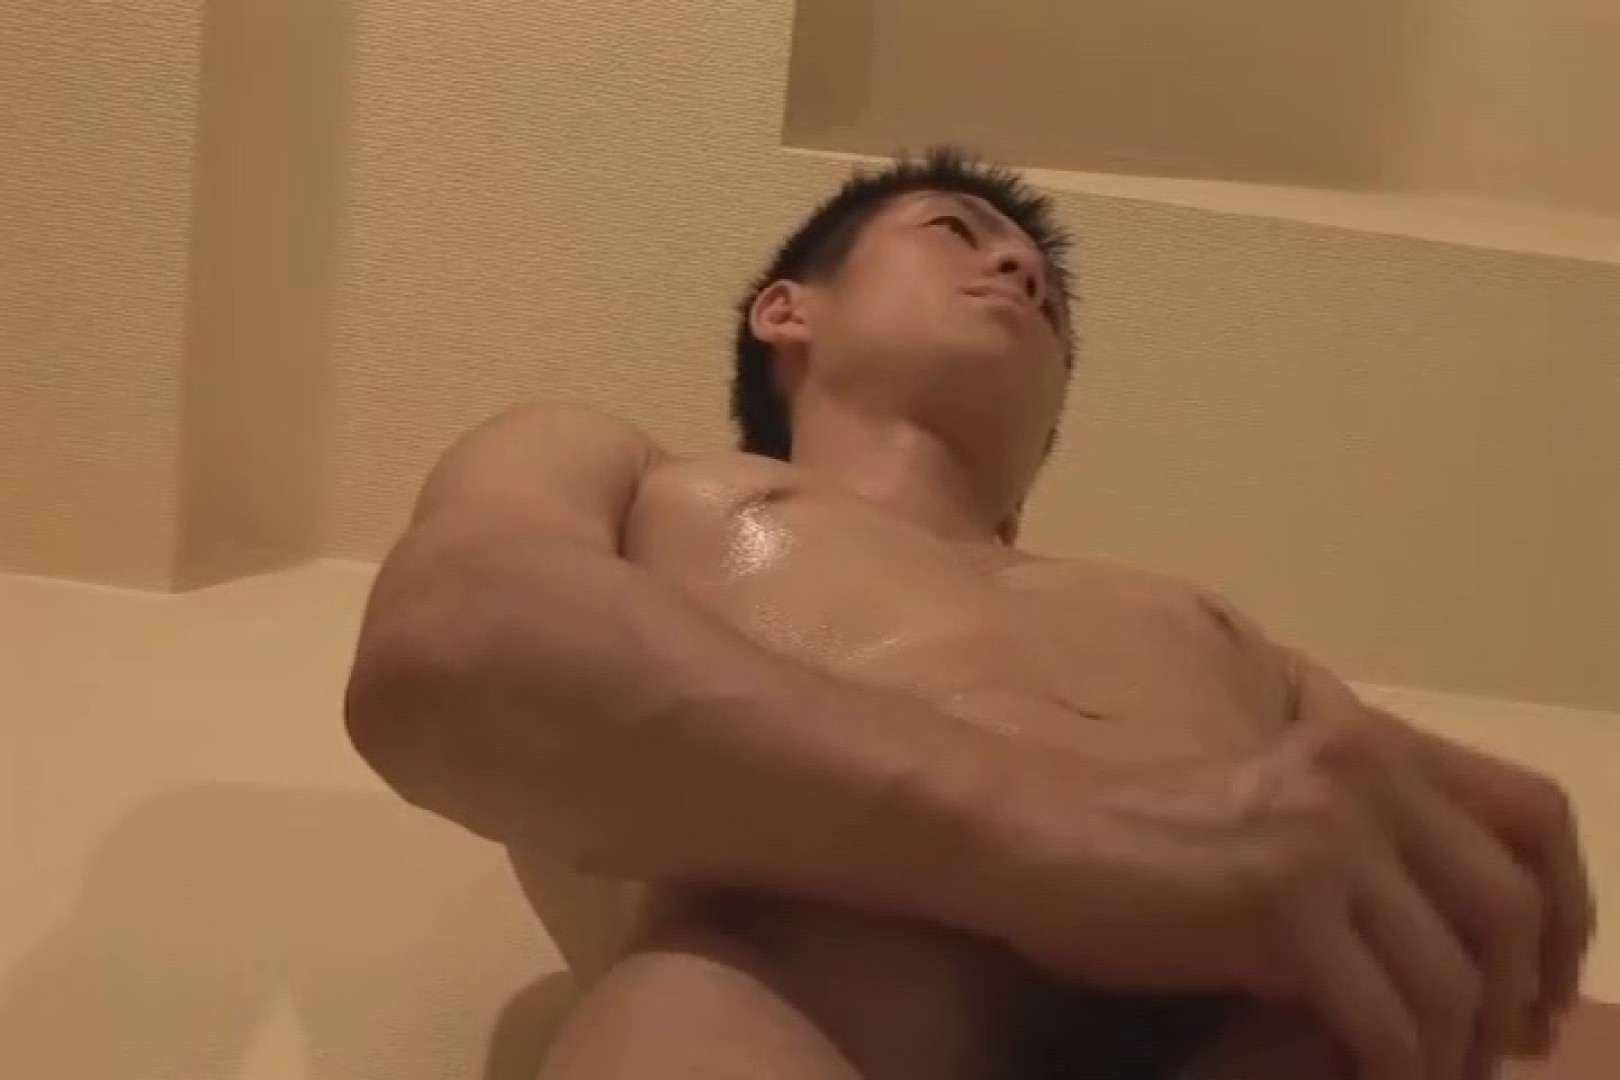 暴れん棒!!雄穴を狙え!! vol.04 竿 ゲイヌード画像 87pic 64